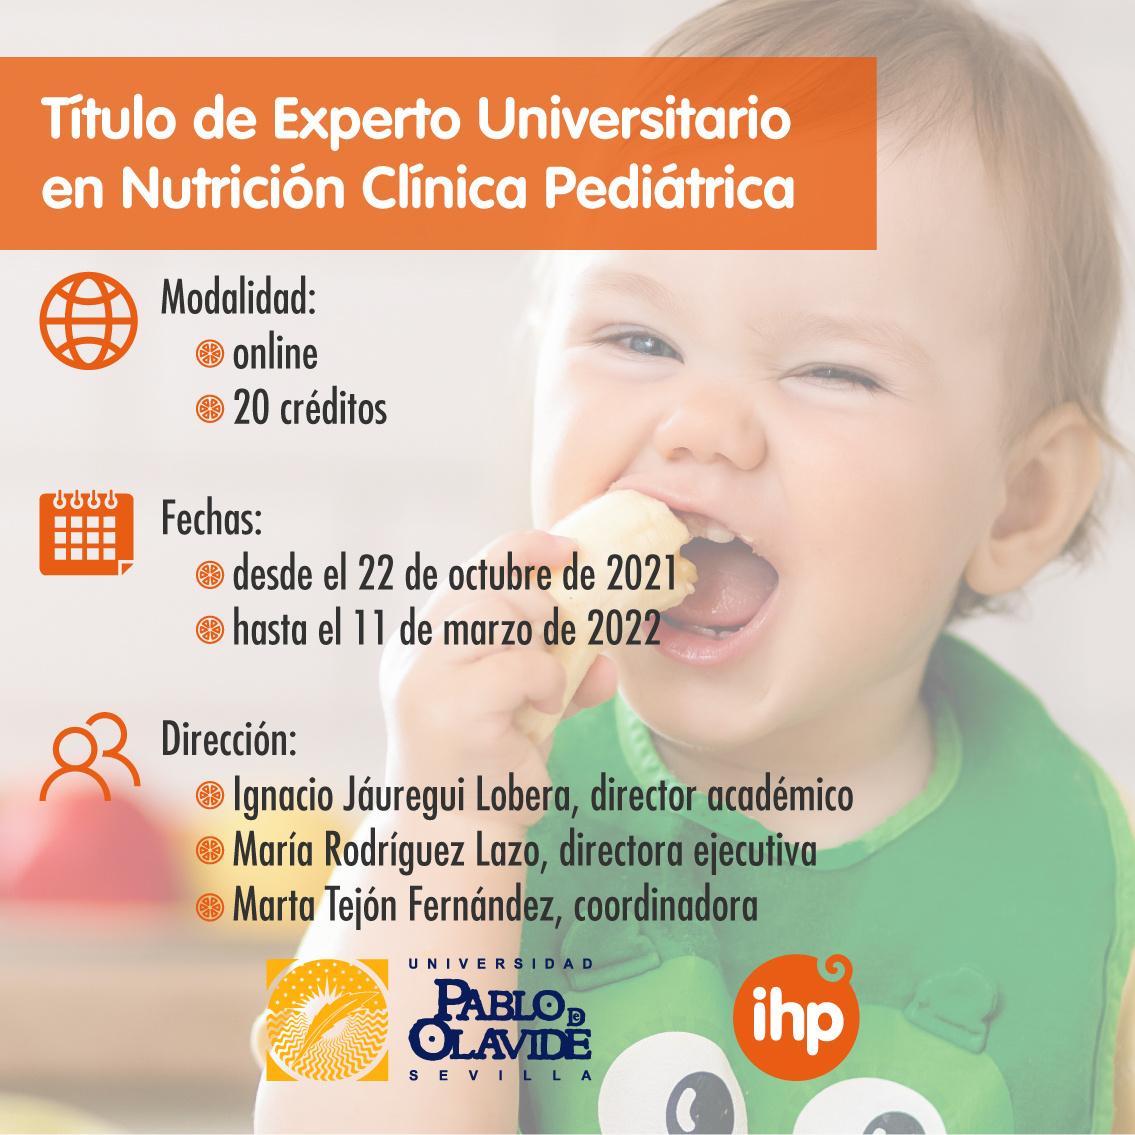 Grupo IHP y la Universidad Pablo de Olavide lanzan un nuevo posgrado de Nutrición Clínica Pediátrica